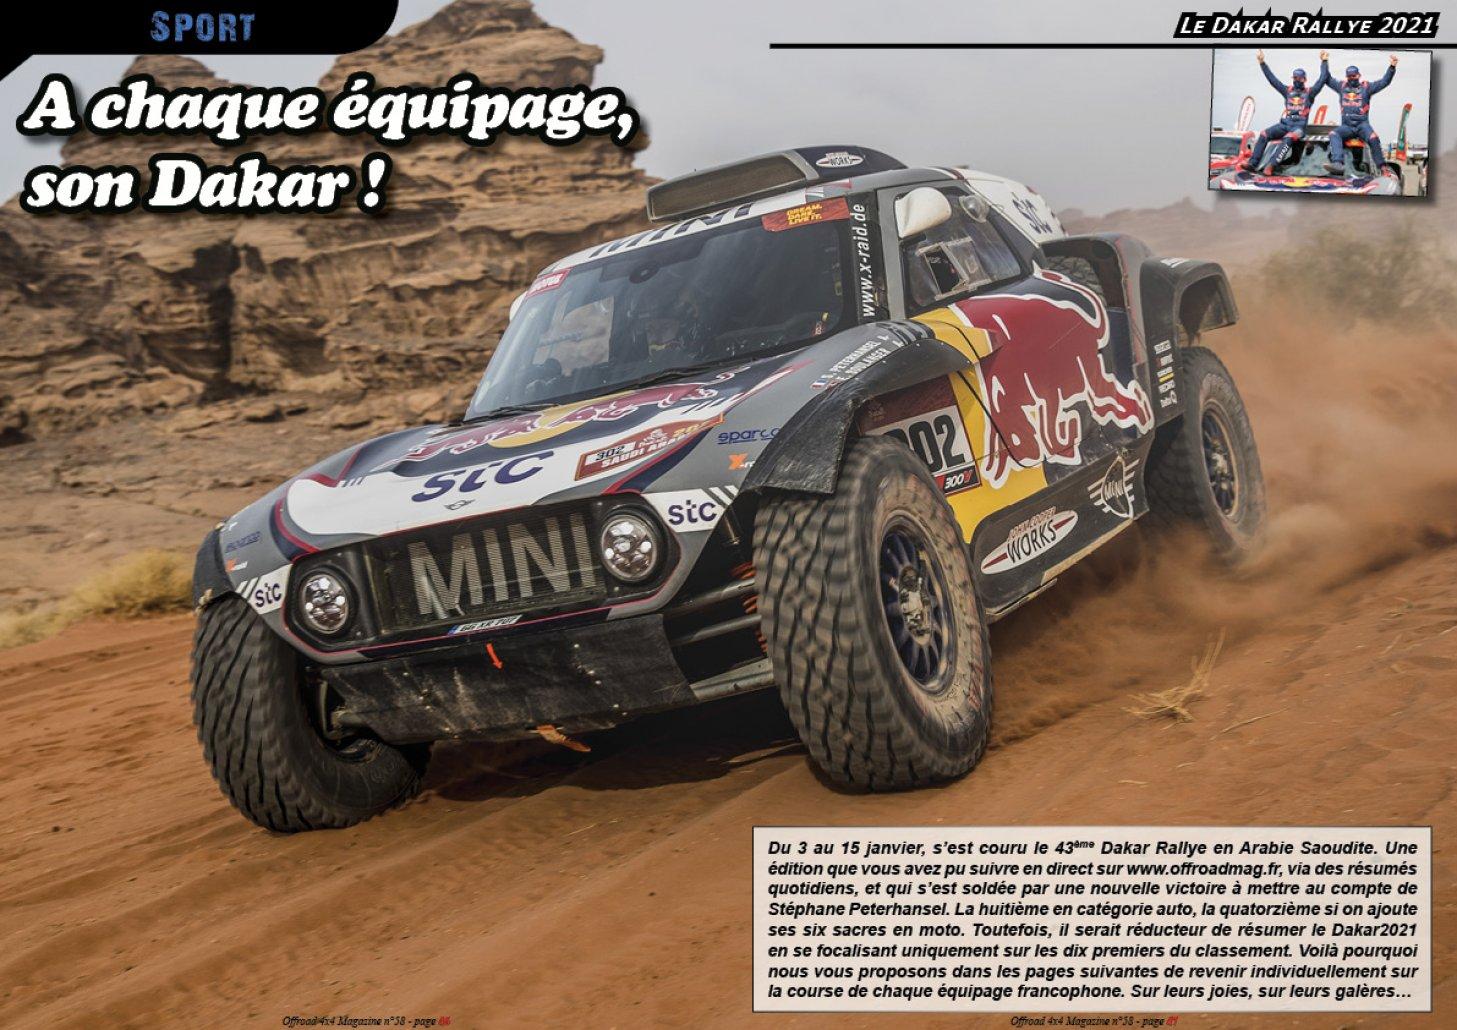 Le Dakar Rallye et le Dakar Classic 2021